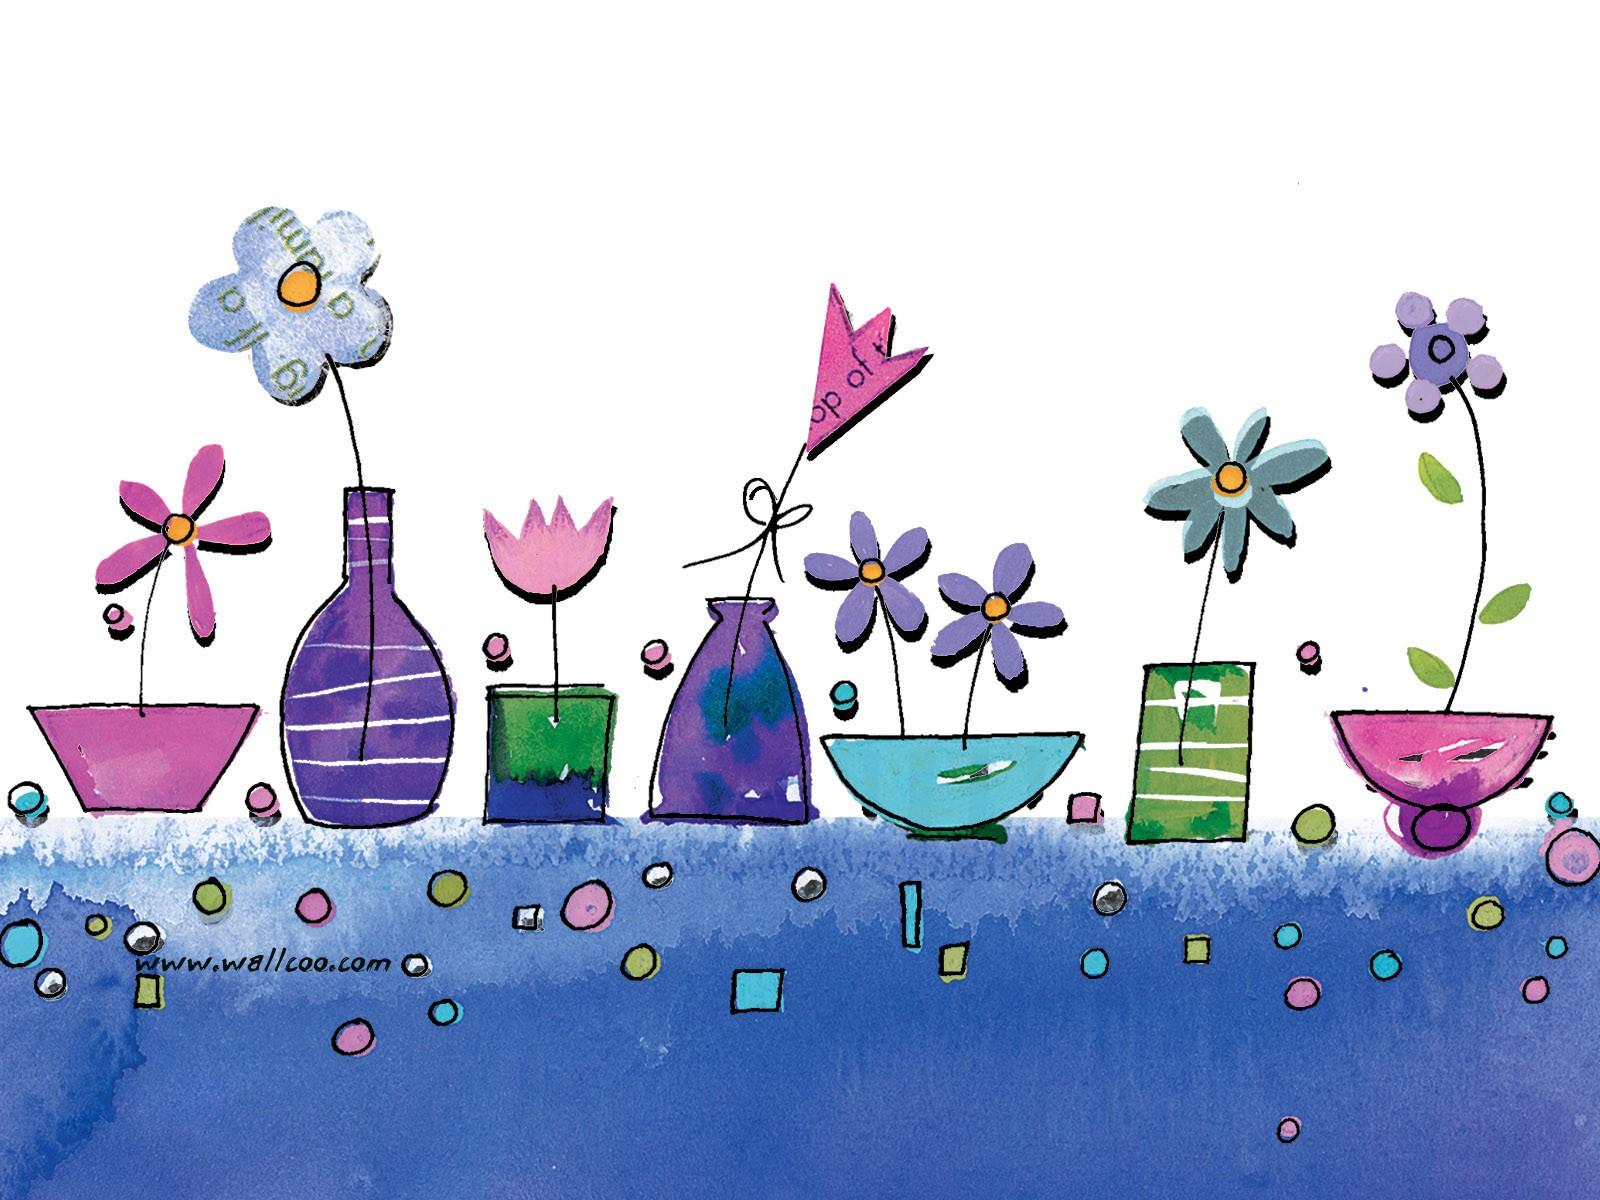 壁纸1600×1200花卉图案设计 可爱花卉插画壁纸壁纸 艺术与抽象花卉壁纸壁纸图片花卉壁纸花卉图片素材桌面壁纸